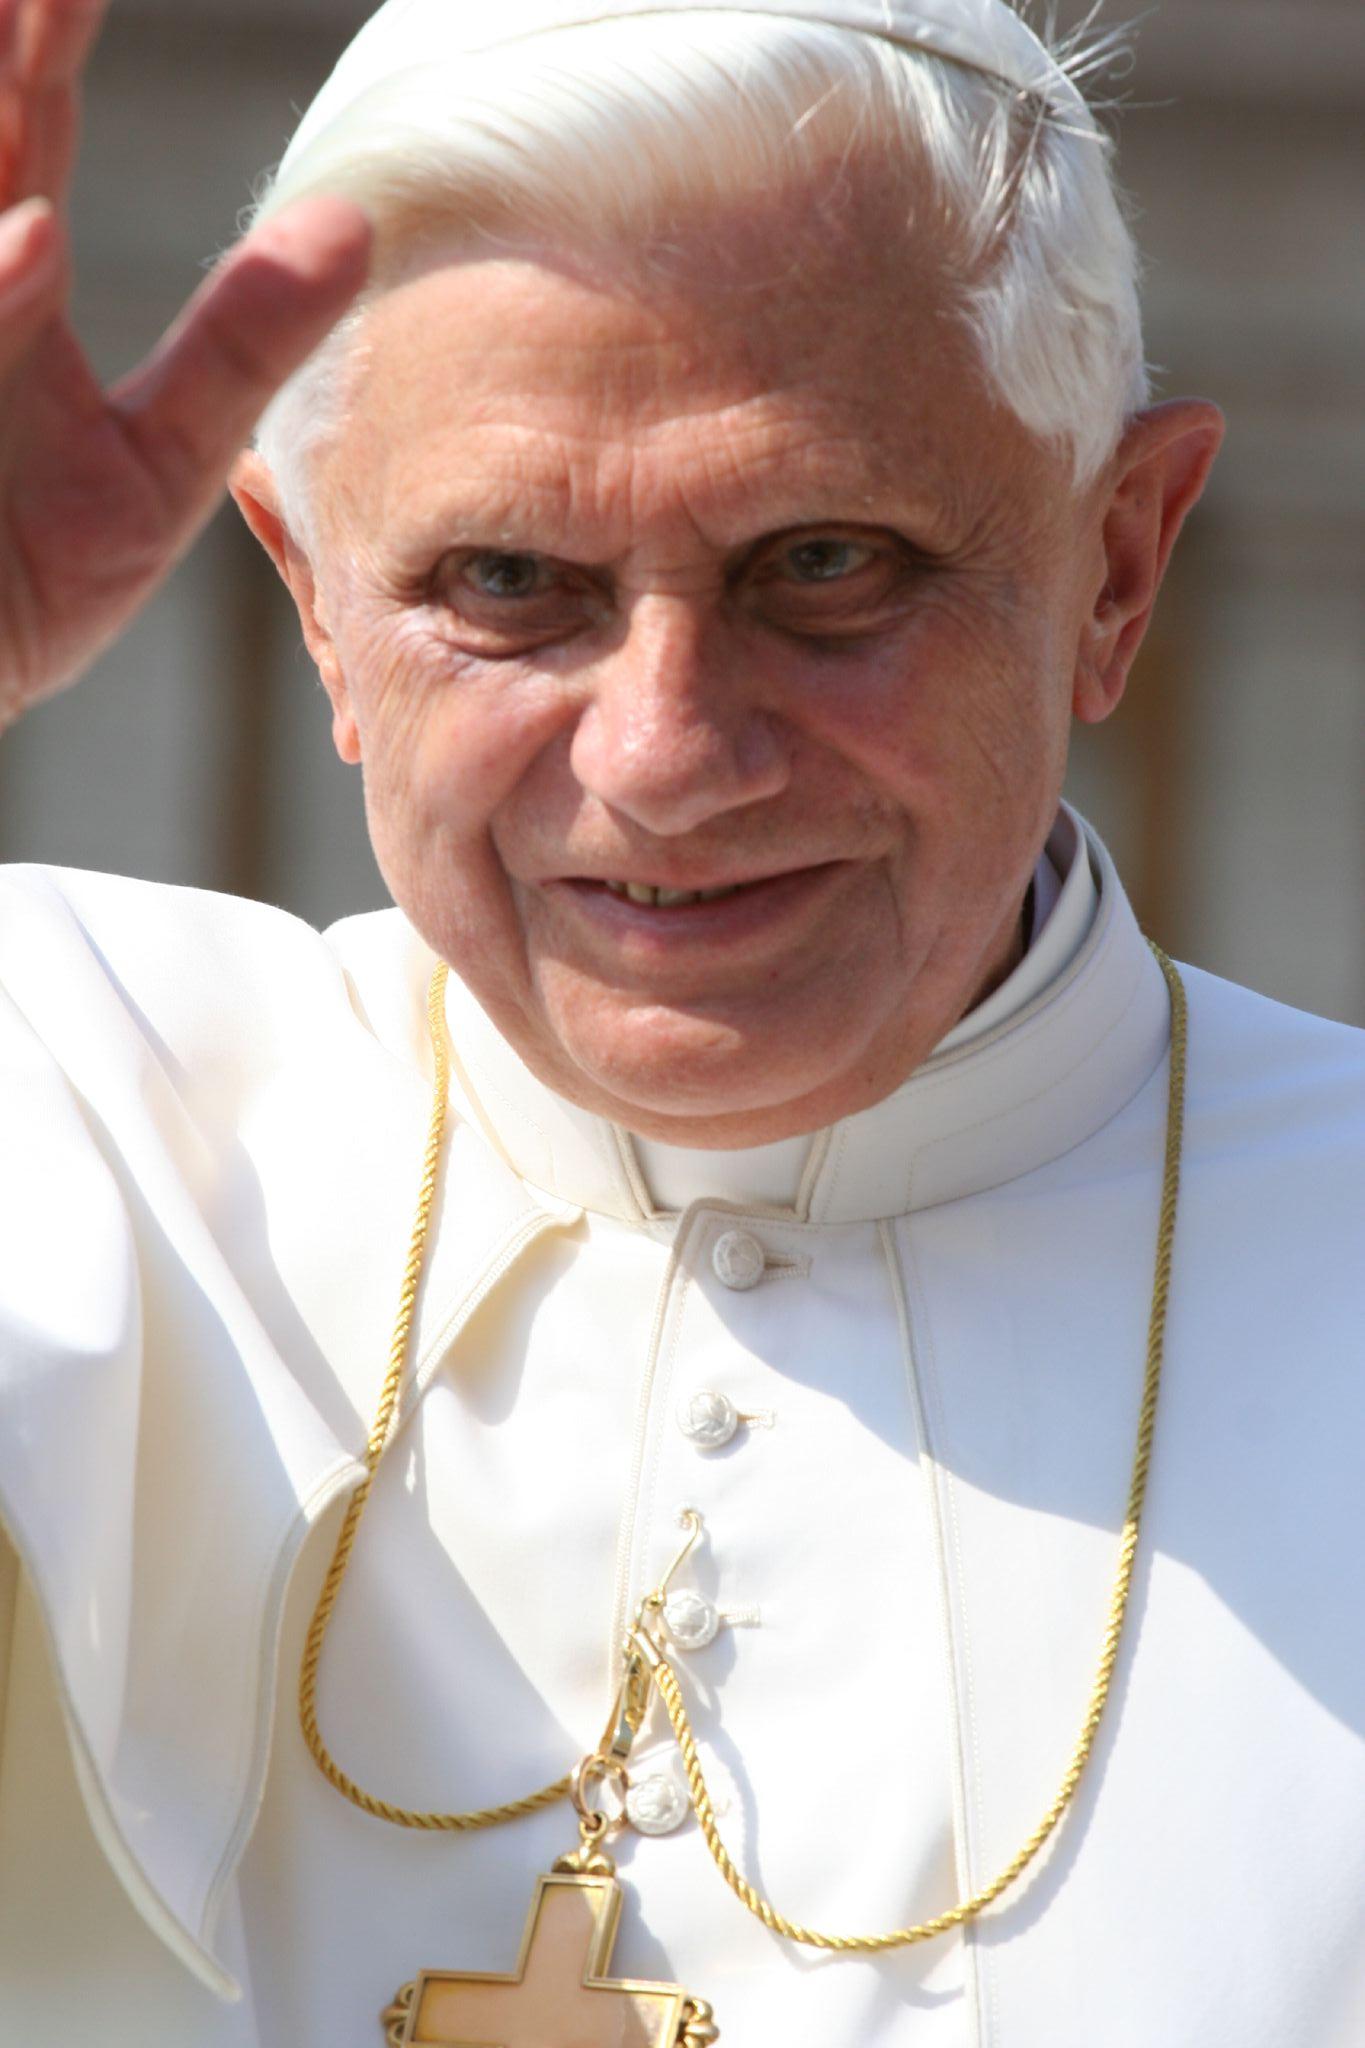 Santo Padre Benedetto XVI